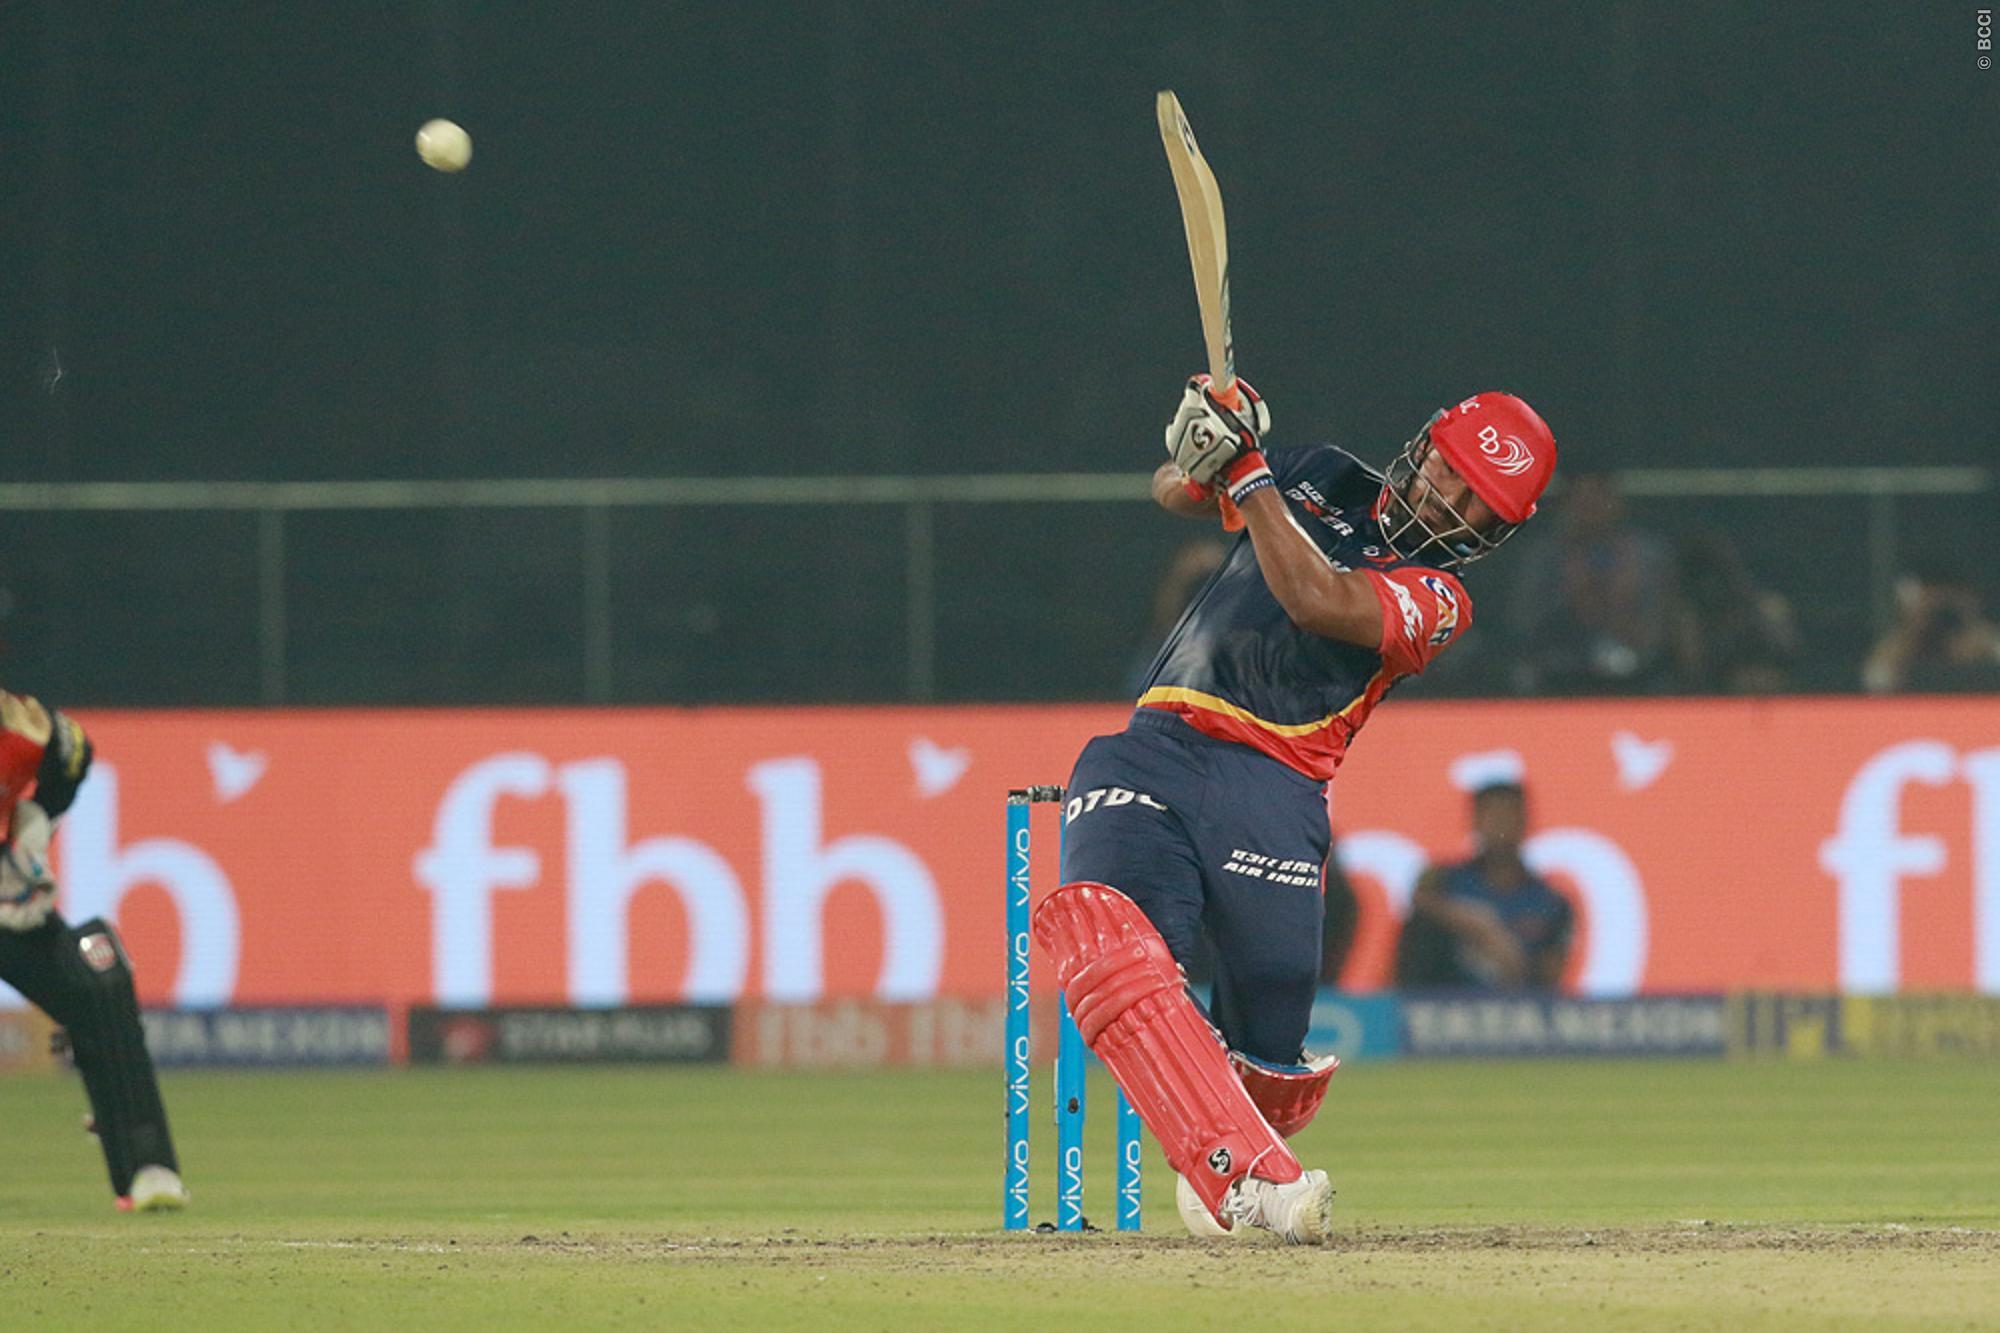 STATS: हैदराबाद और दिल्ली के मैच के बिच मैच में बने कुल 9 रिकॉर्ड, पन्त के नाम दर्ज हुए 7 ऐतिहासिक रिकॉर्ड 28